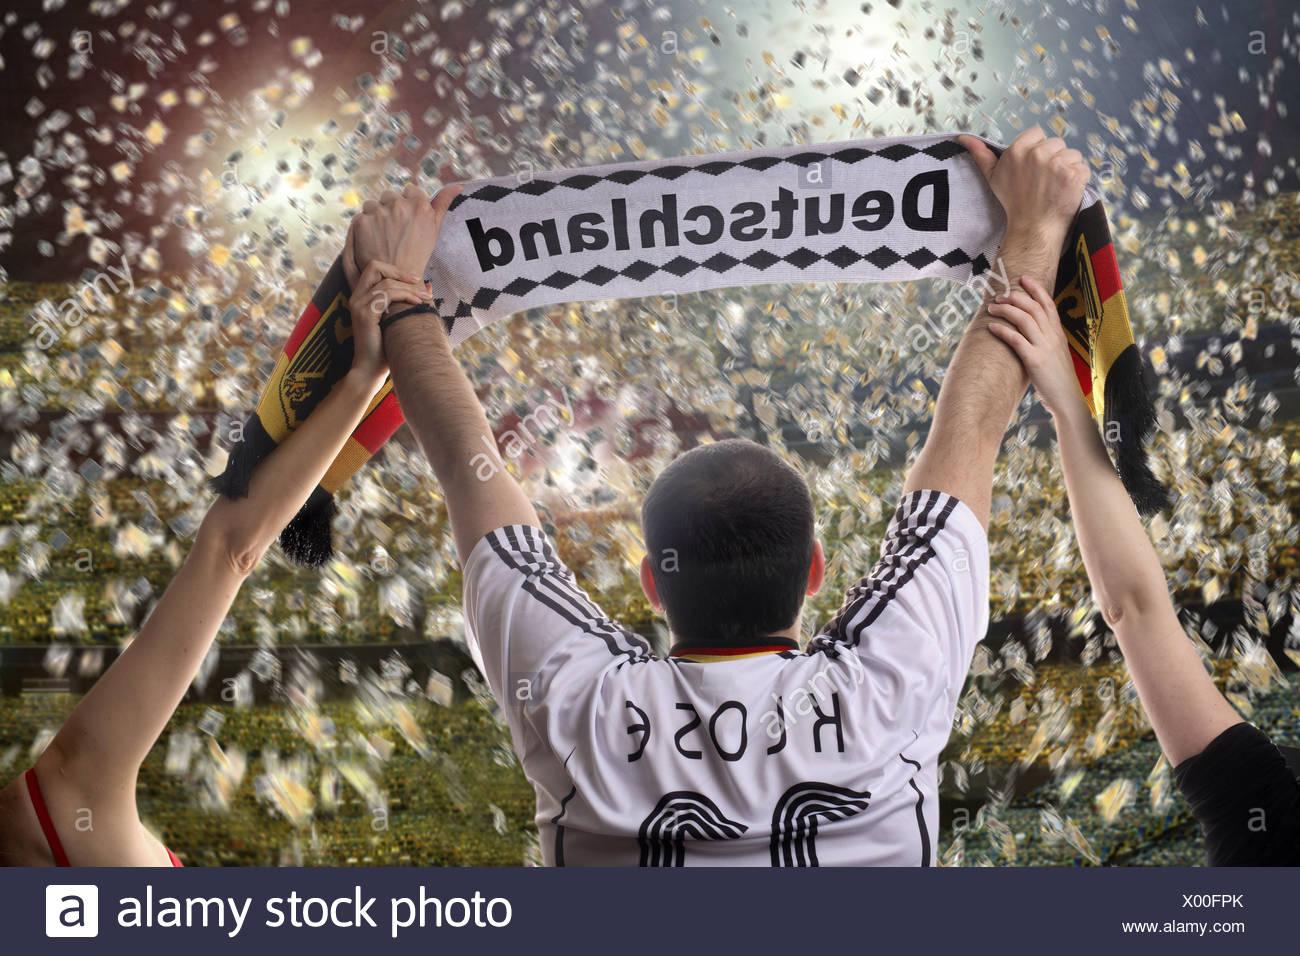 Appassionato di calcio tenendo in mano un tedesco sostenitori sciarpa, visto da dietro con i confetti in uno stadio di calcio Immagini Stock